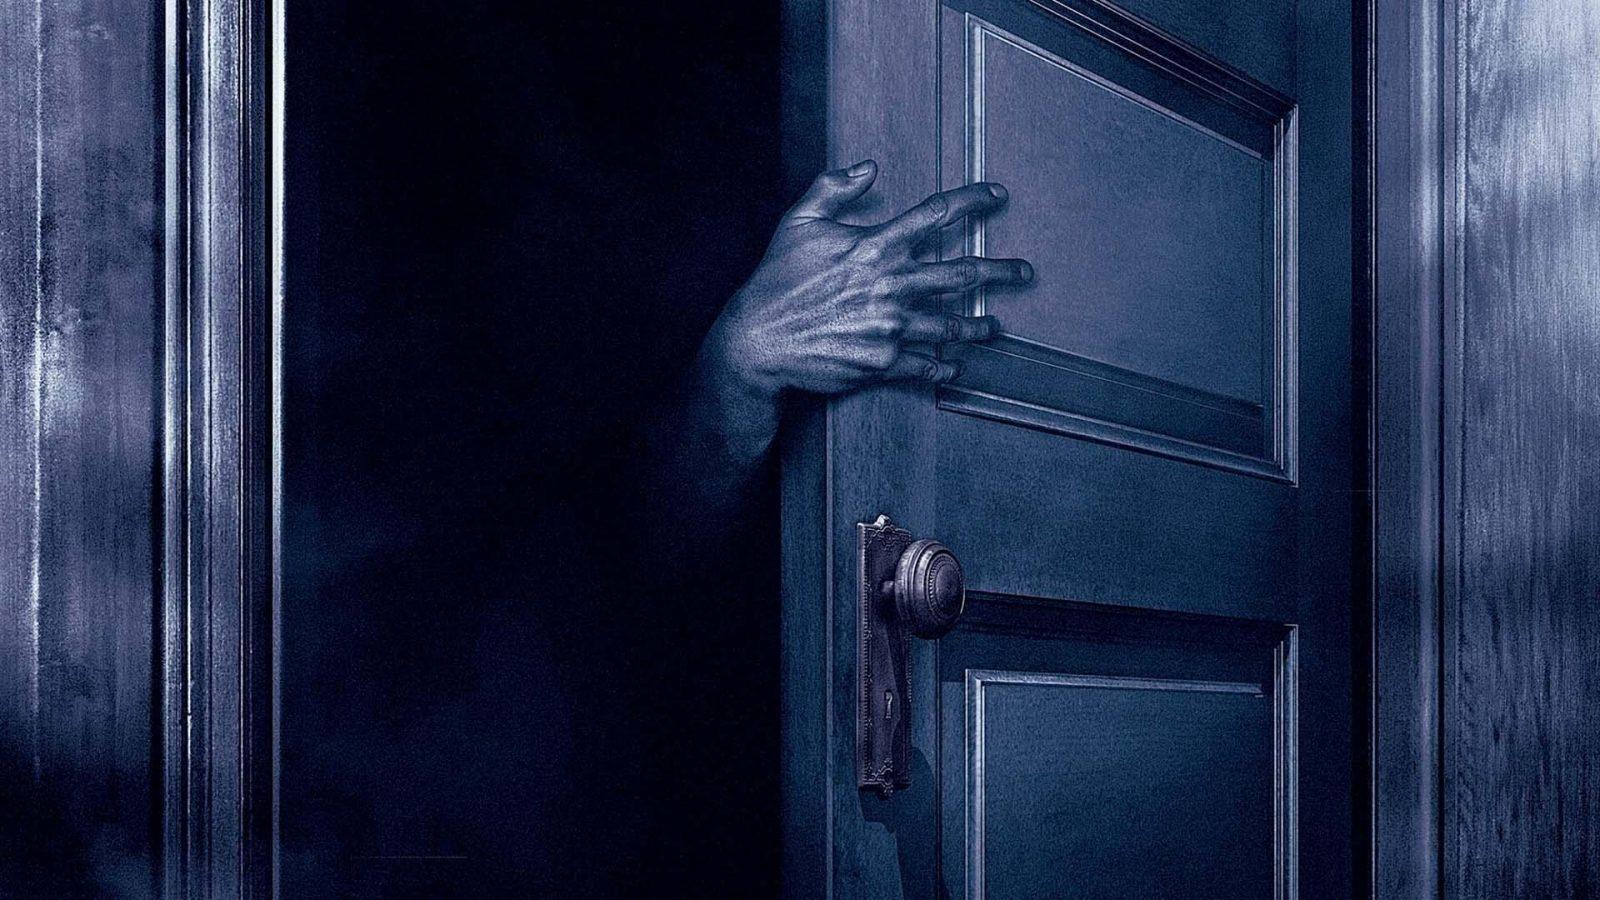 Istcape - Gerçek Evden ve Odadan Kaçış Oyunu